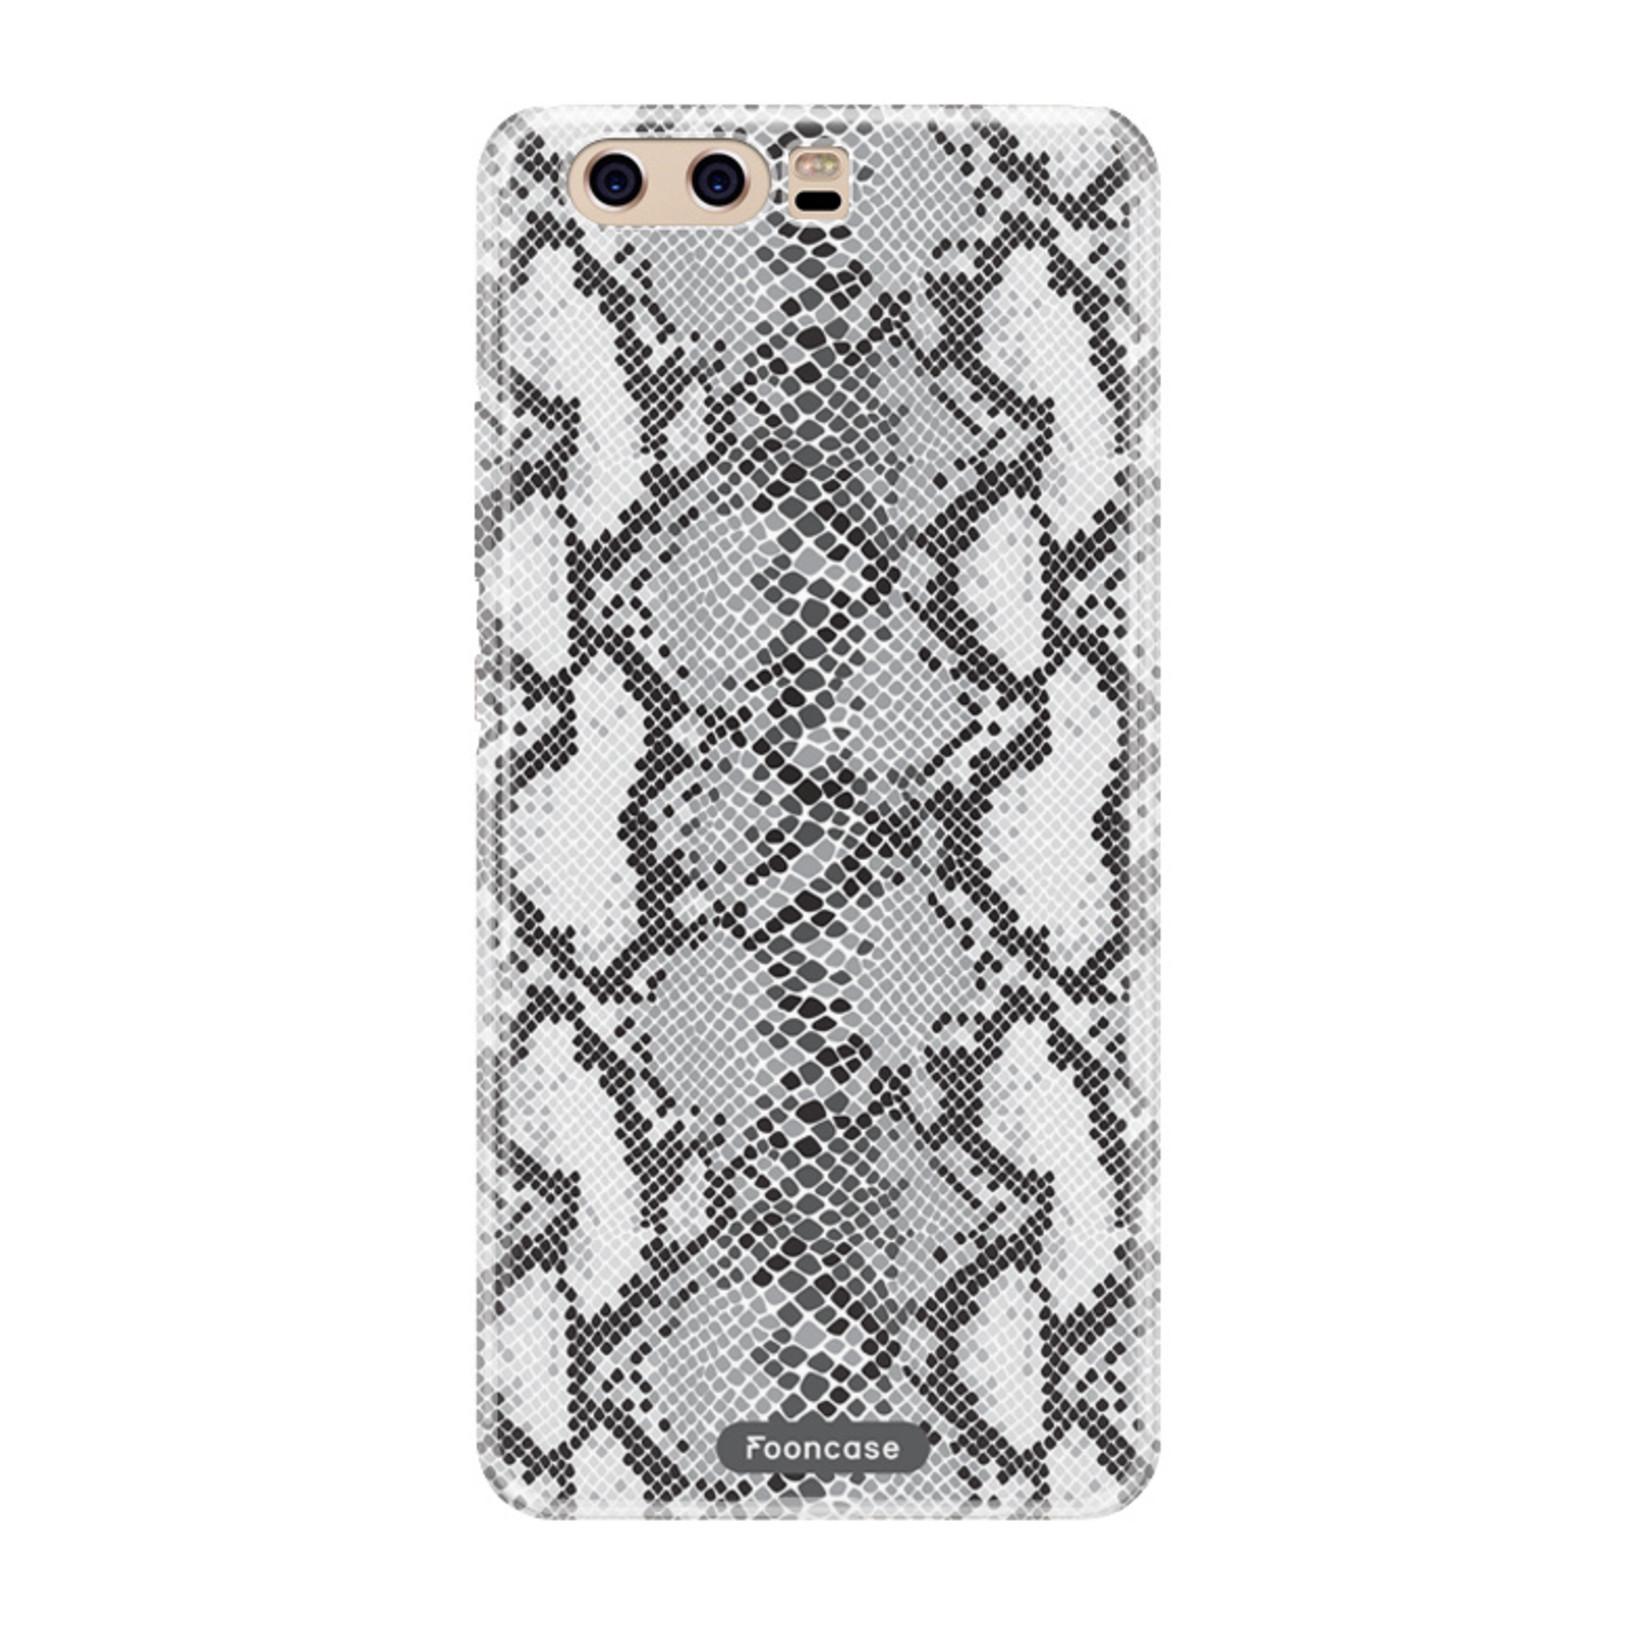 FOONCASE Huawei P10 hoesje TPU Soft Case - Back Cover - Snake it / Slangen print